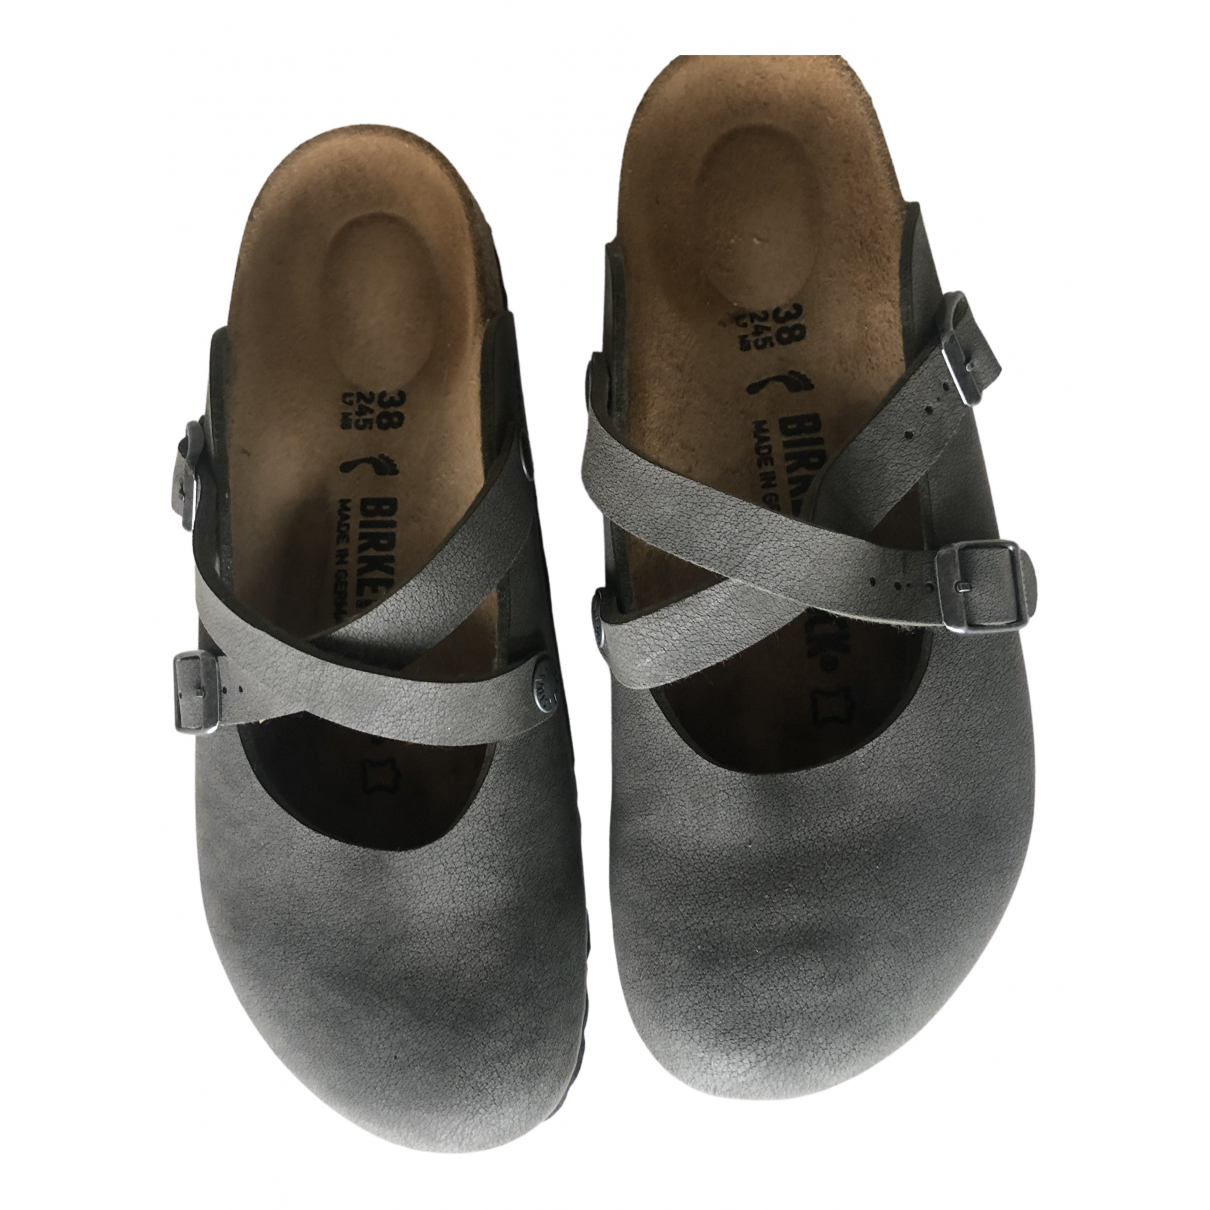 Birkenstock - Sabots   pour femme en cuir - gris